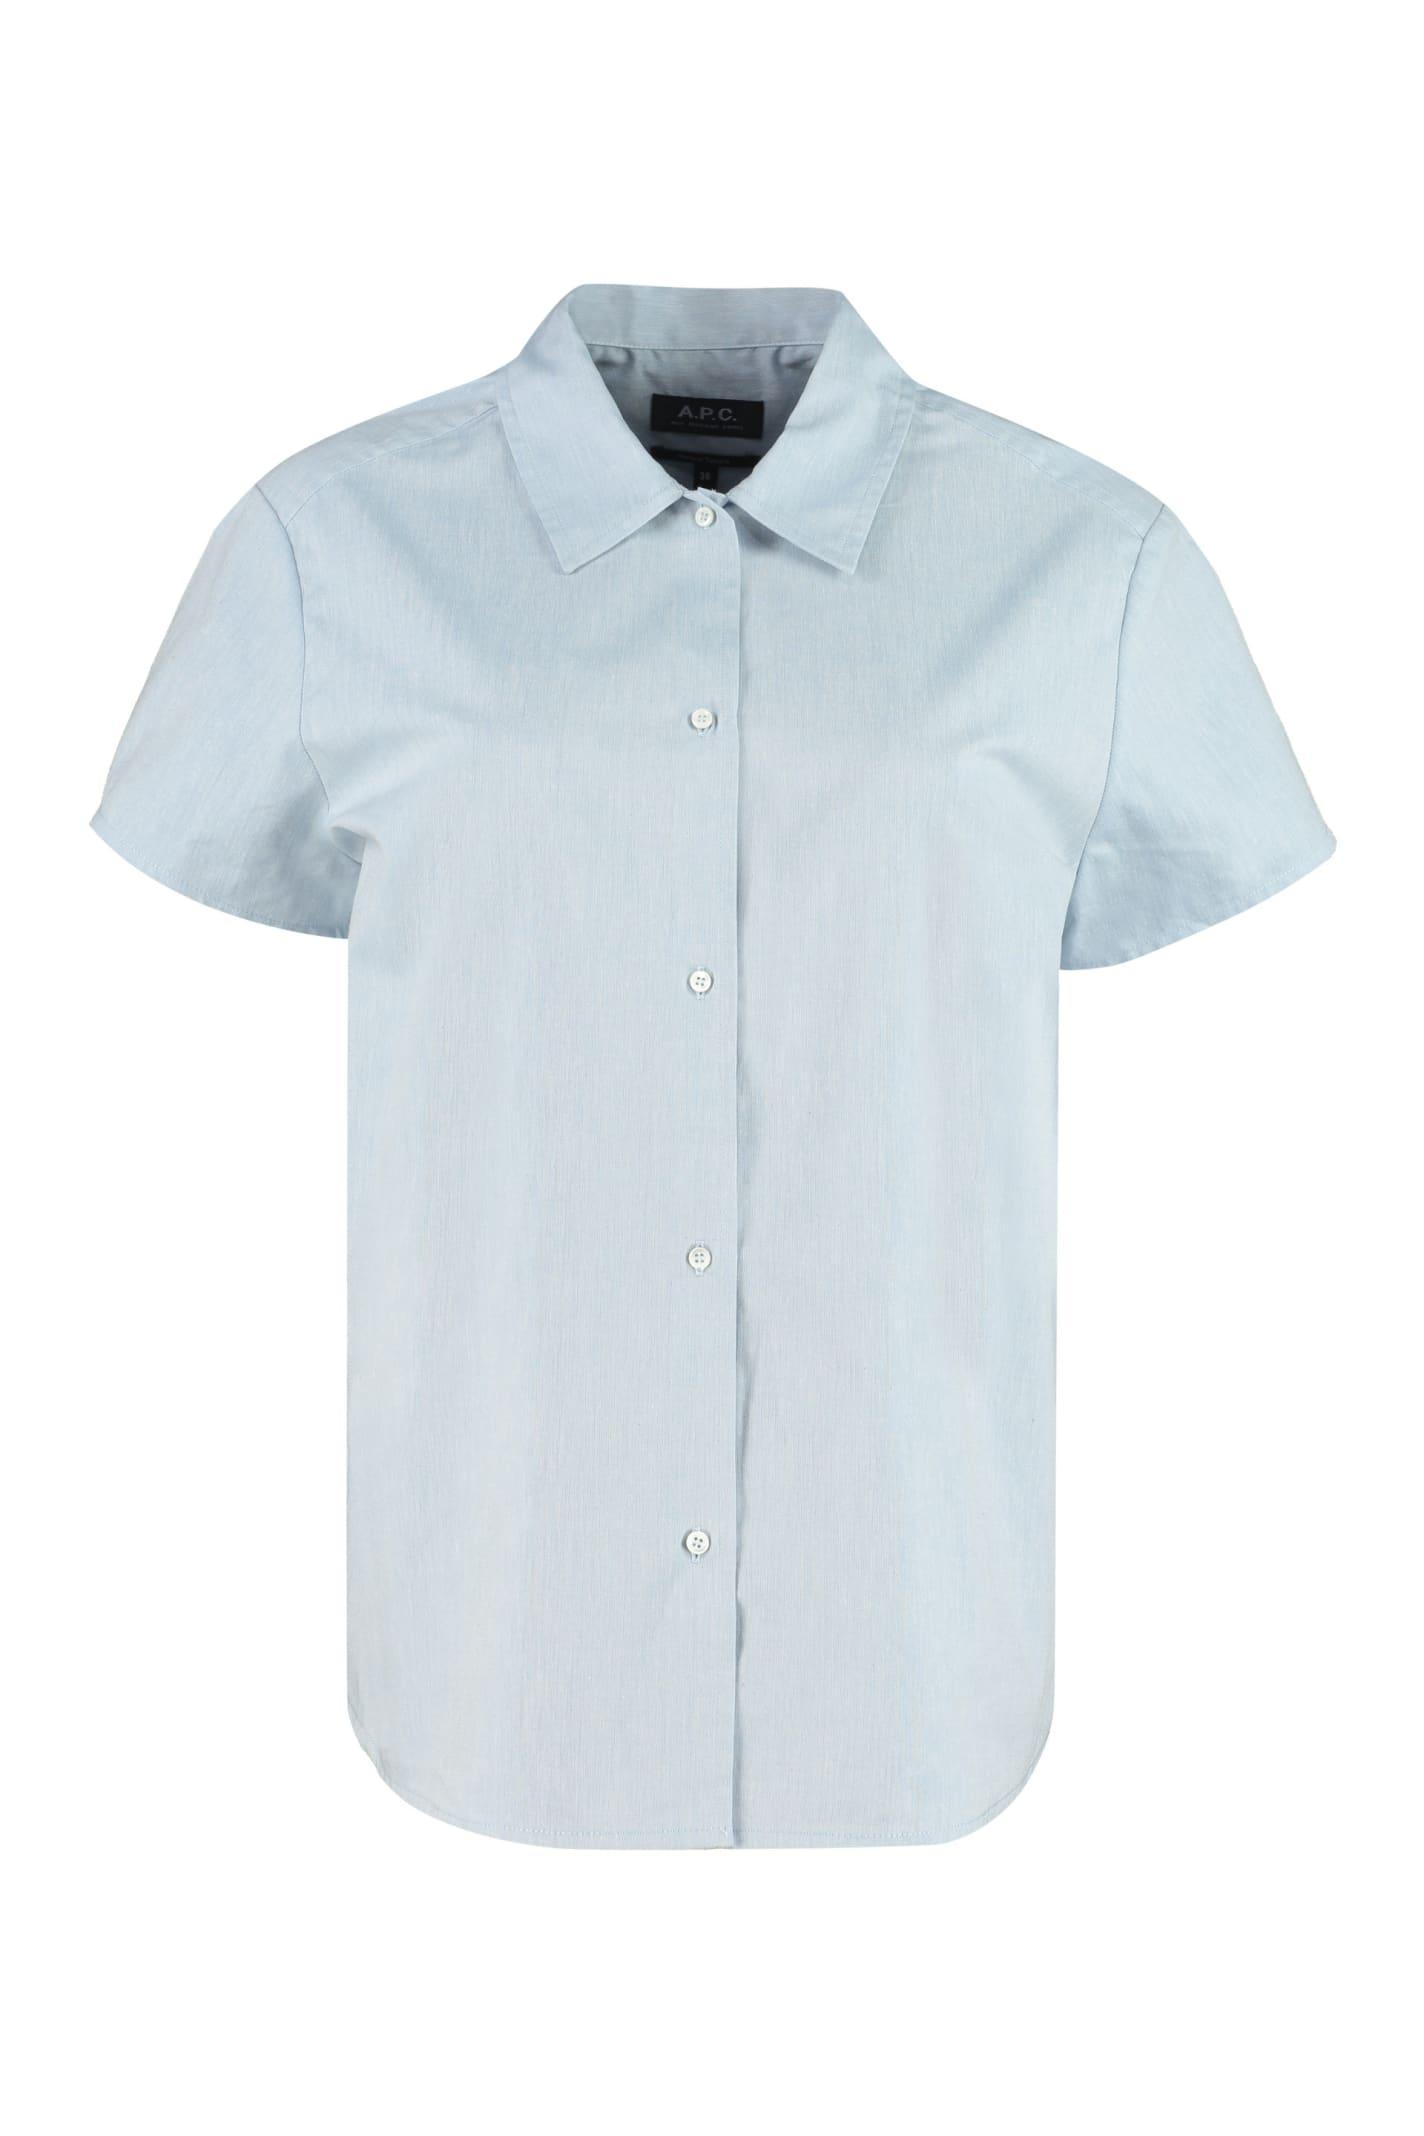 A.p.c. Shirts MARINA COTTON SHIRT